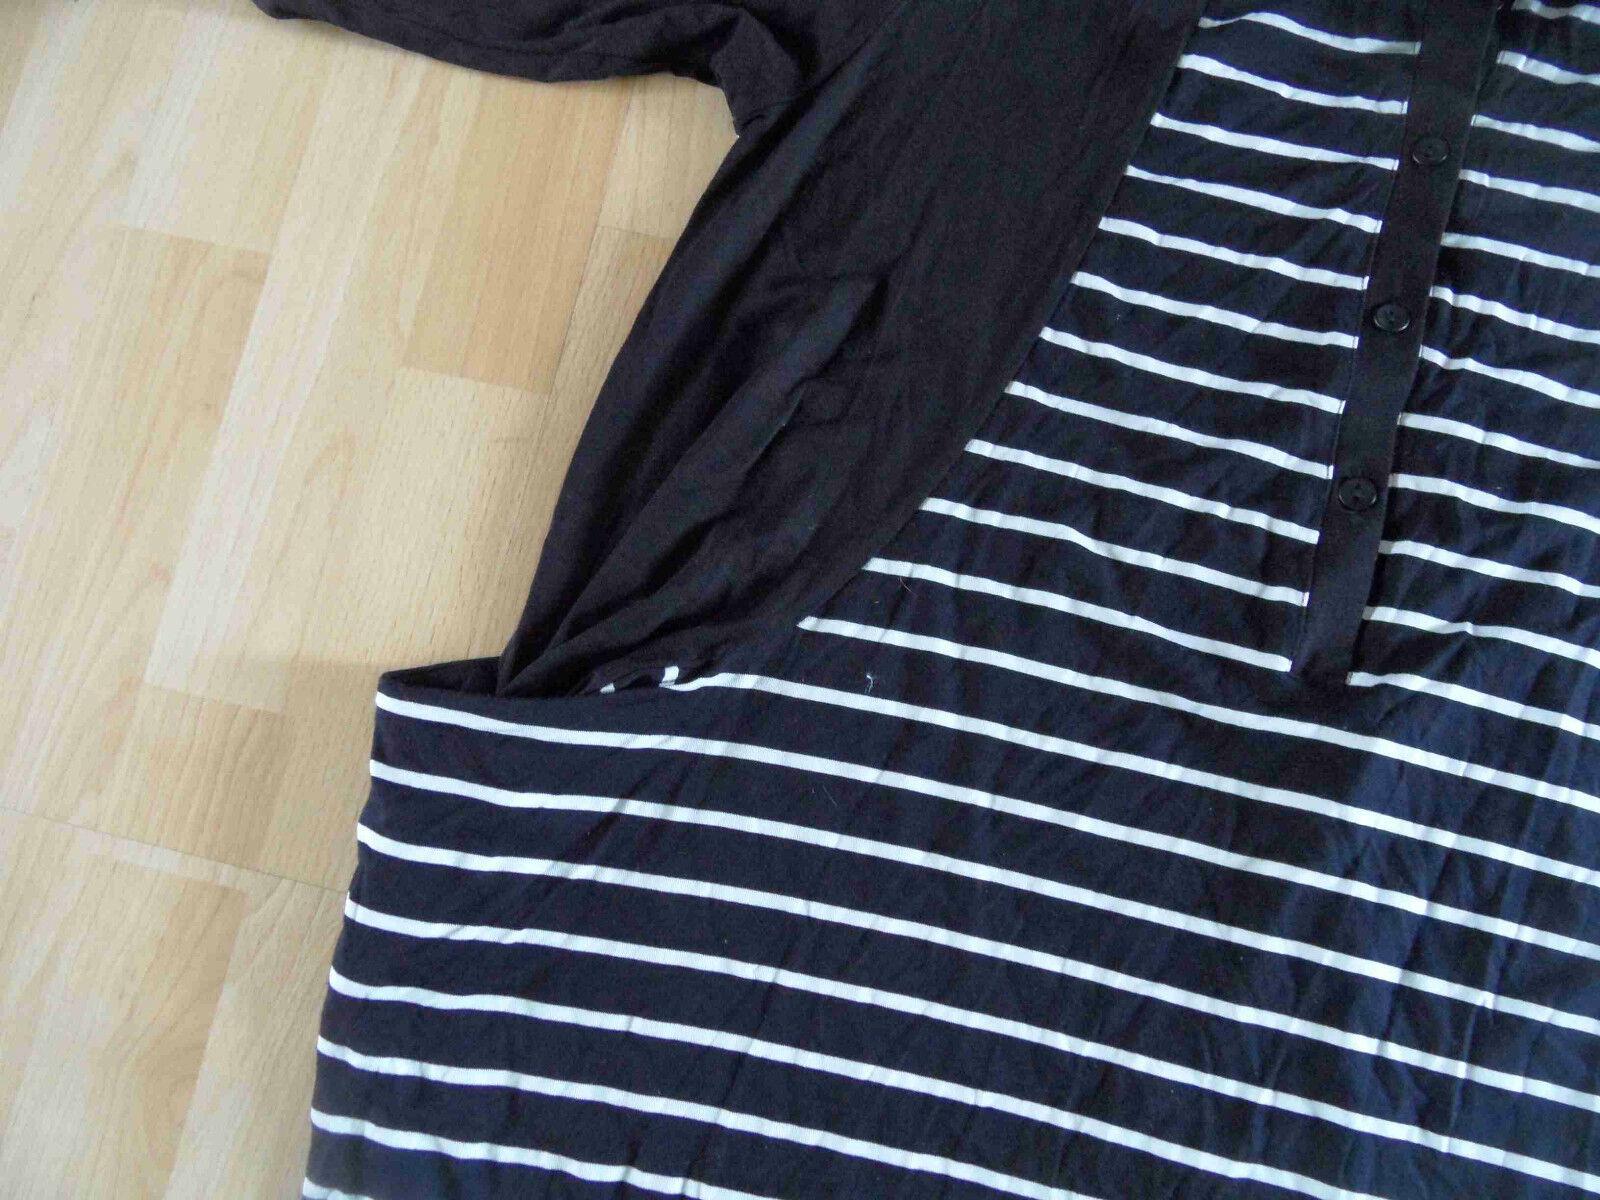 XADOO Lagenlook langes Tunika-Shirt schwarz weiß weiß weiß Gr. 2 NEU  (HMI 514) | Vollständige Spezifikation  | Meistverkaufte weltweit  | Spielen Sie Leidenschaft, spielen Sie die Ernte, spielen Sie die Welt  533e73